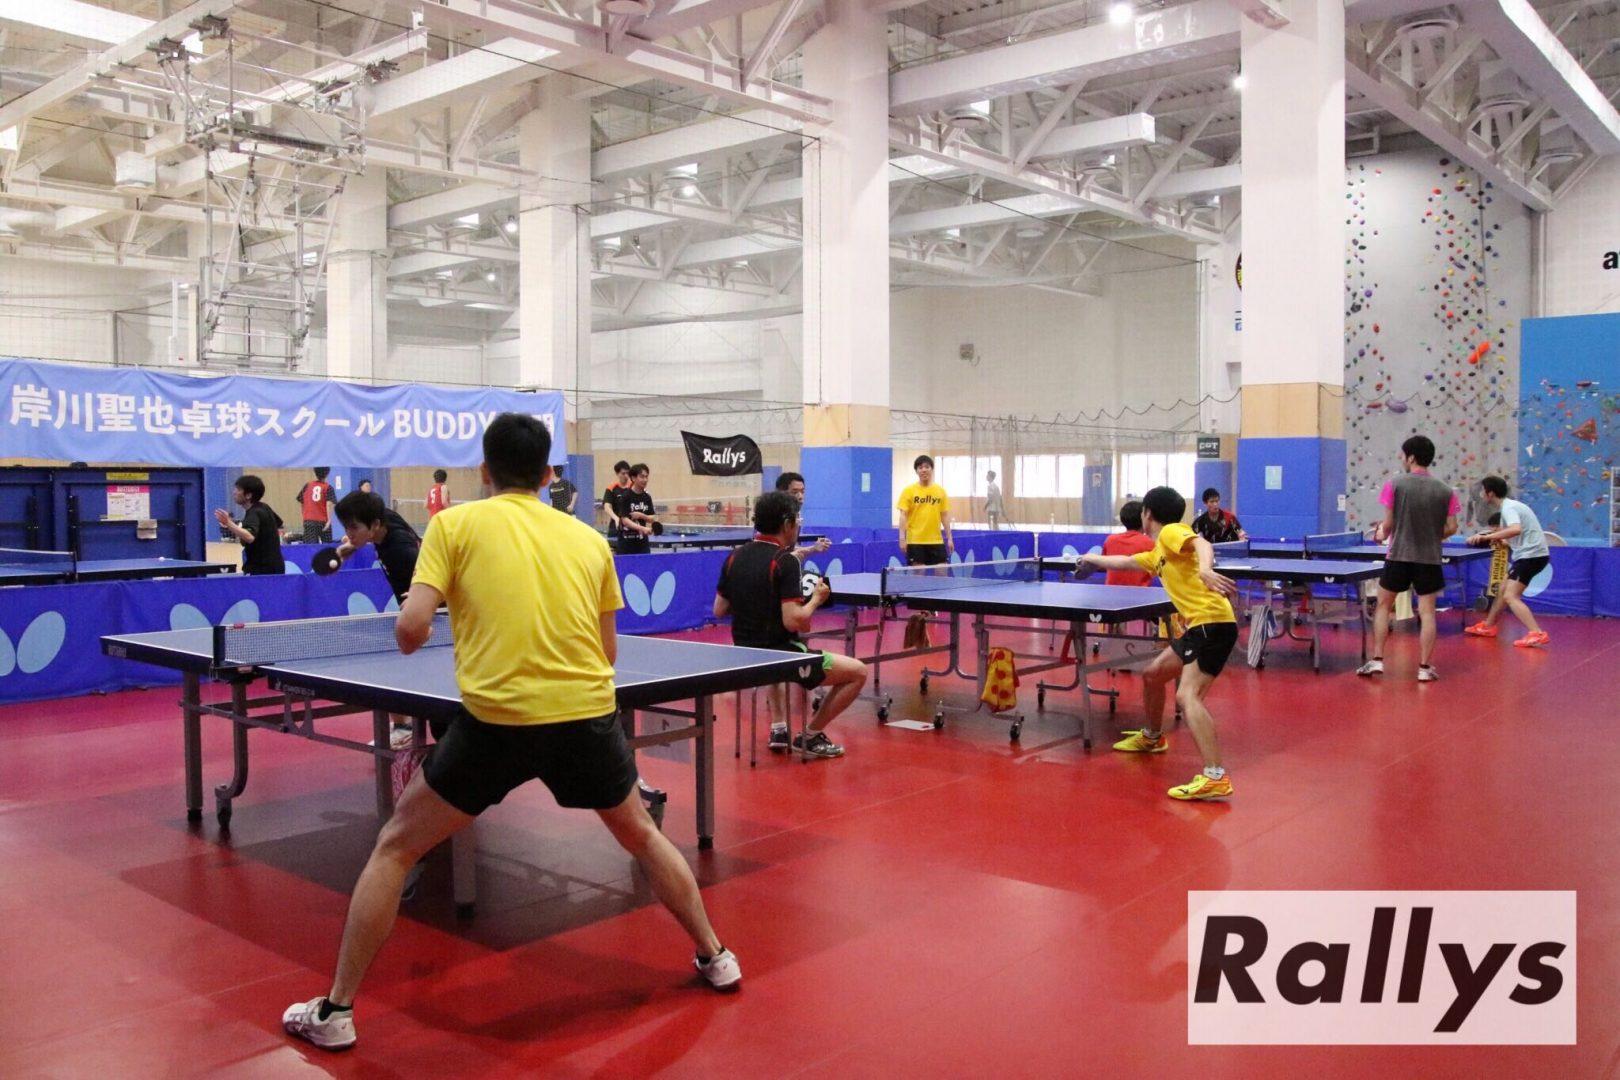 【大会告知・8/24(土)】第5回 Rallys Challenge Matchを岸川聖也卓球スクールで開催!30名限定募集!